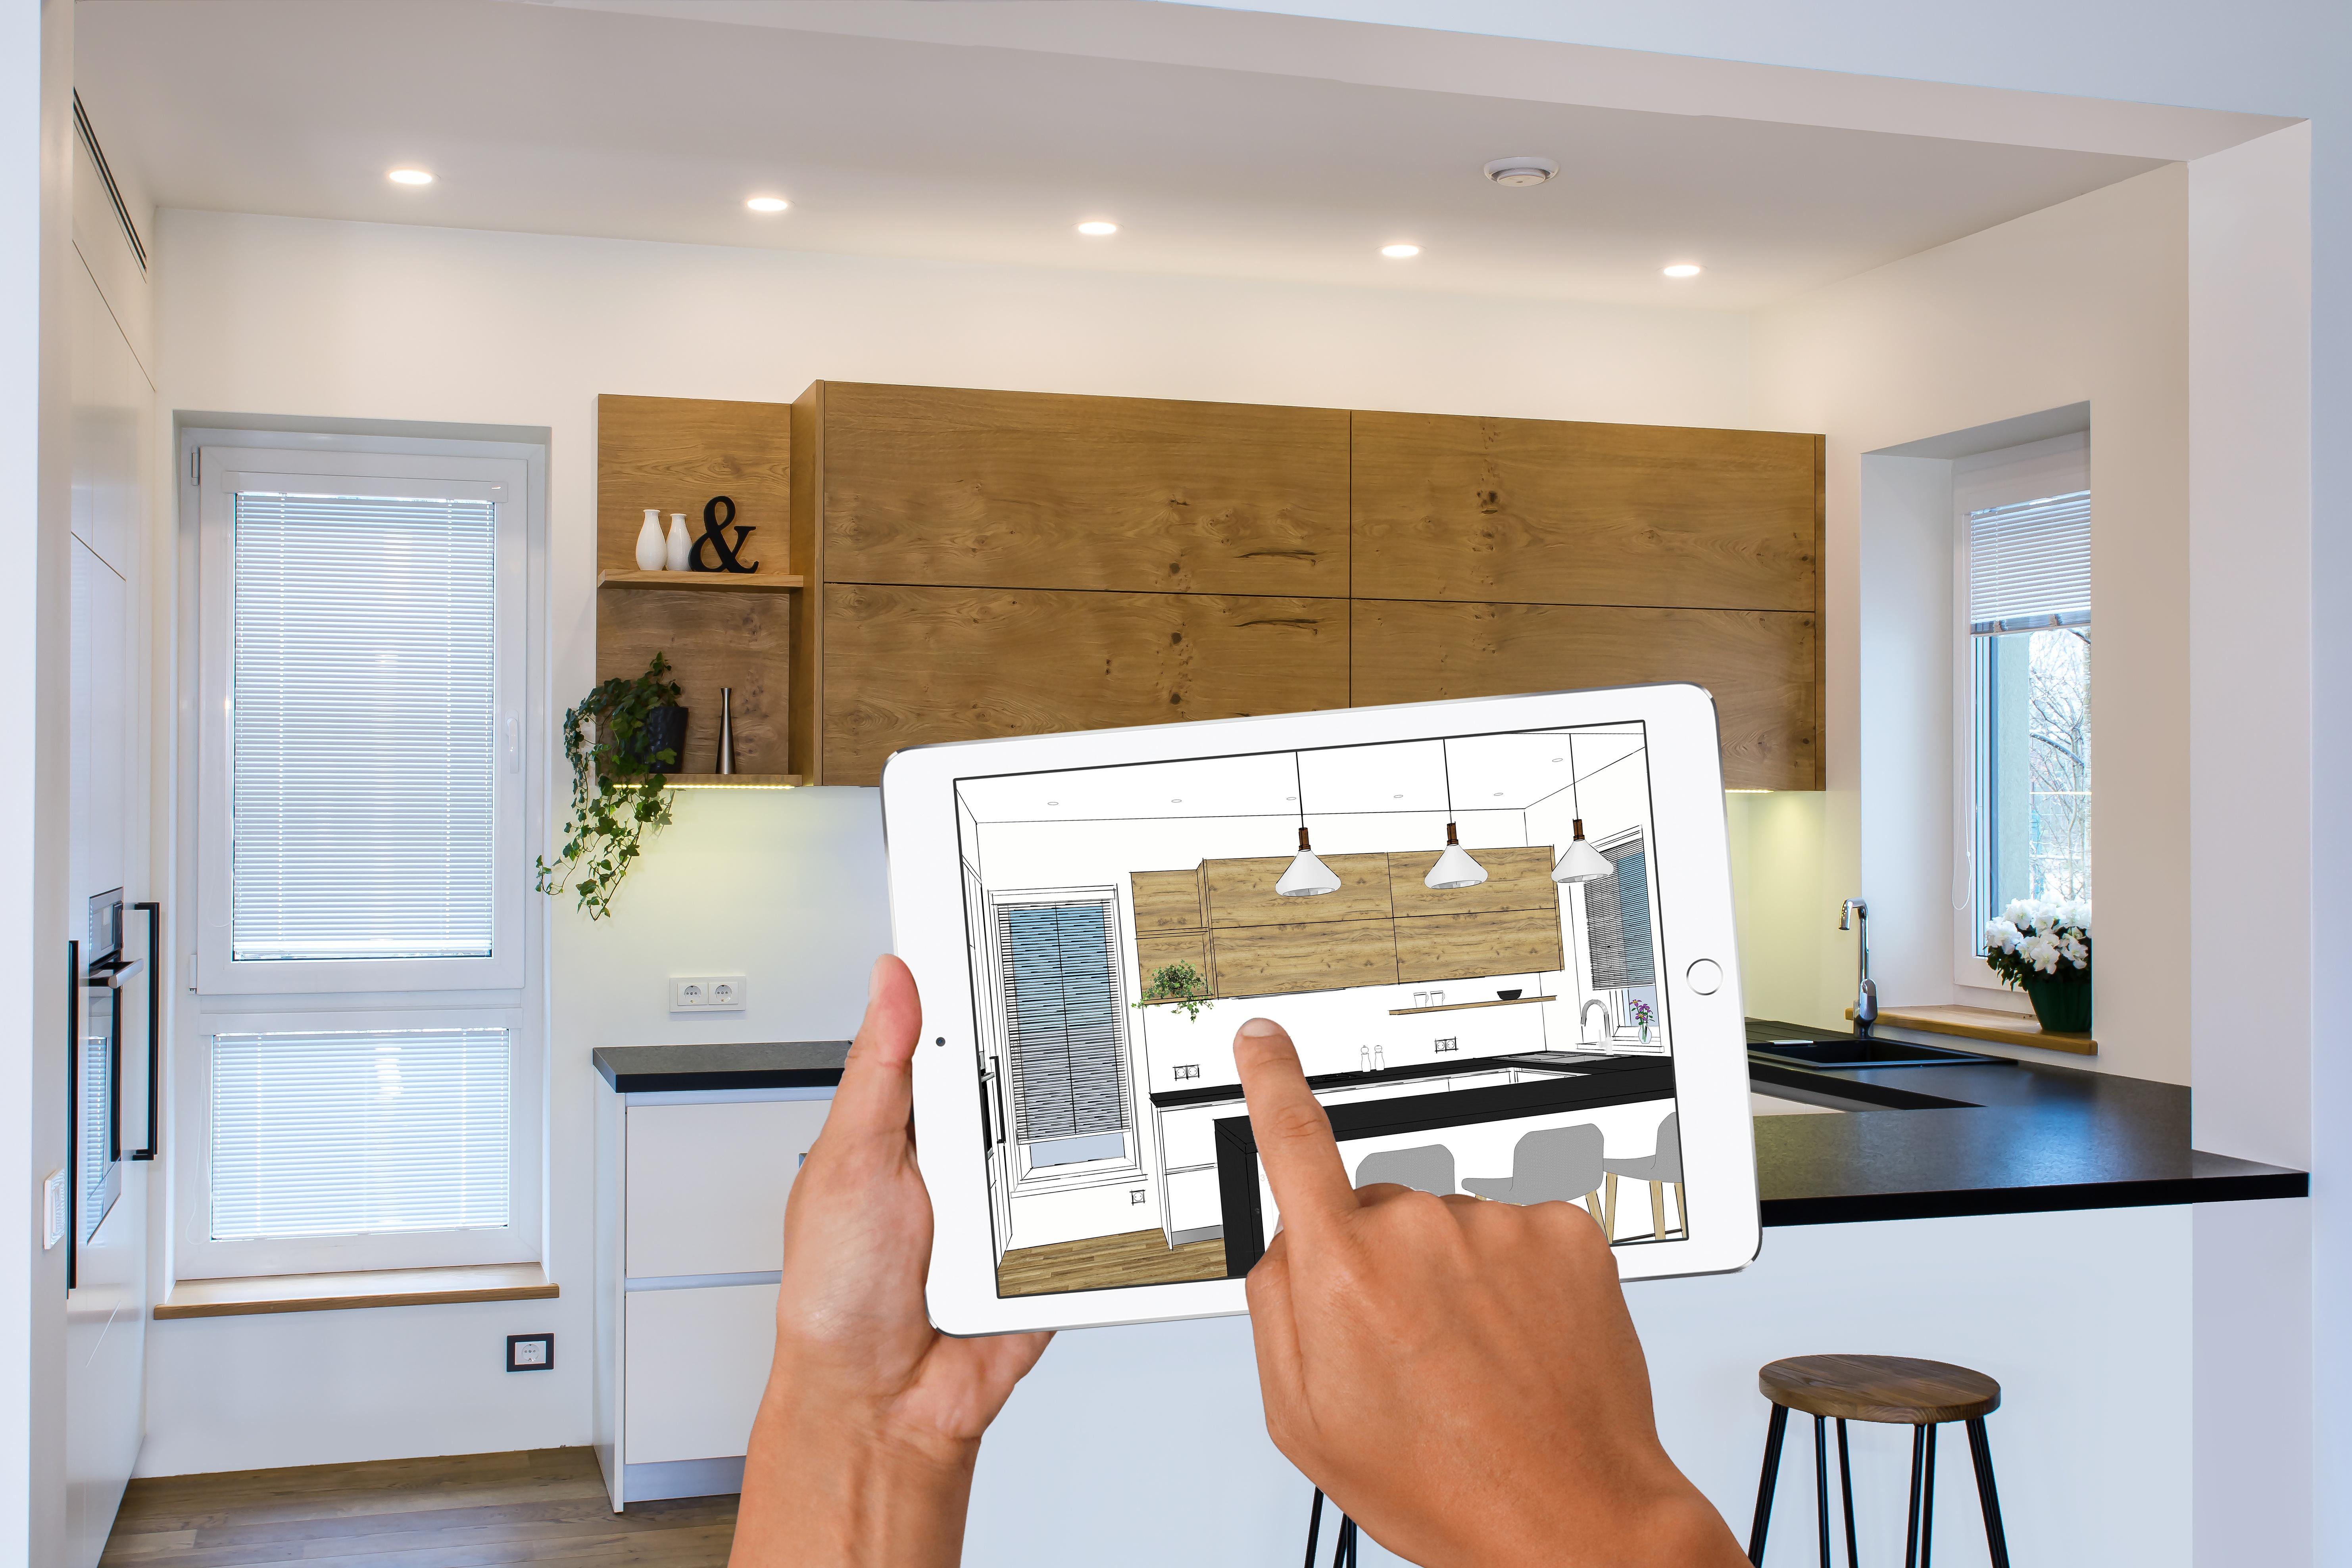 3D Konfiguration einer Küche